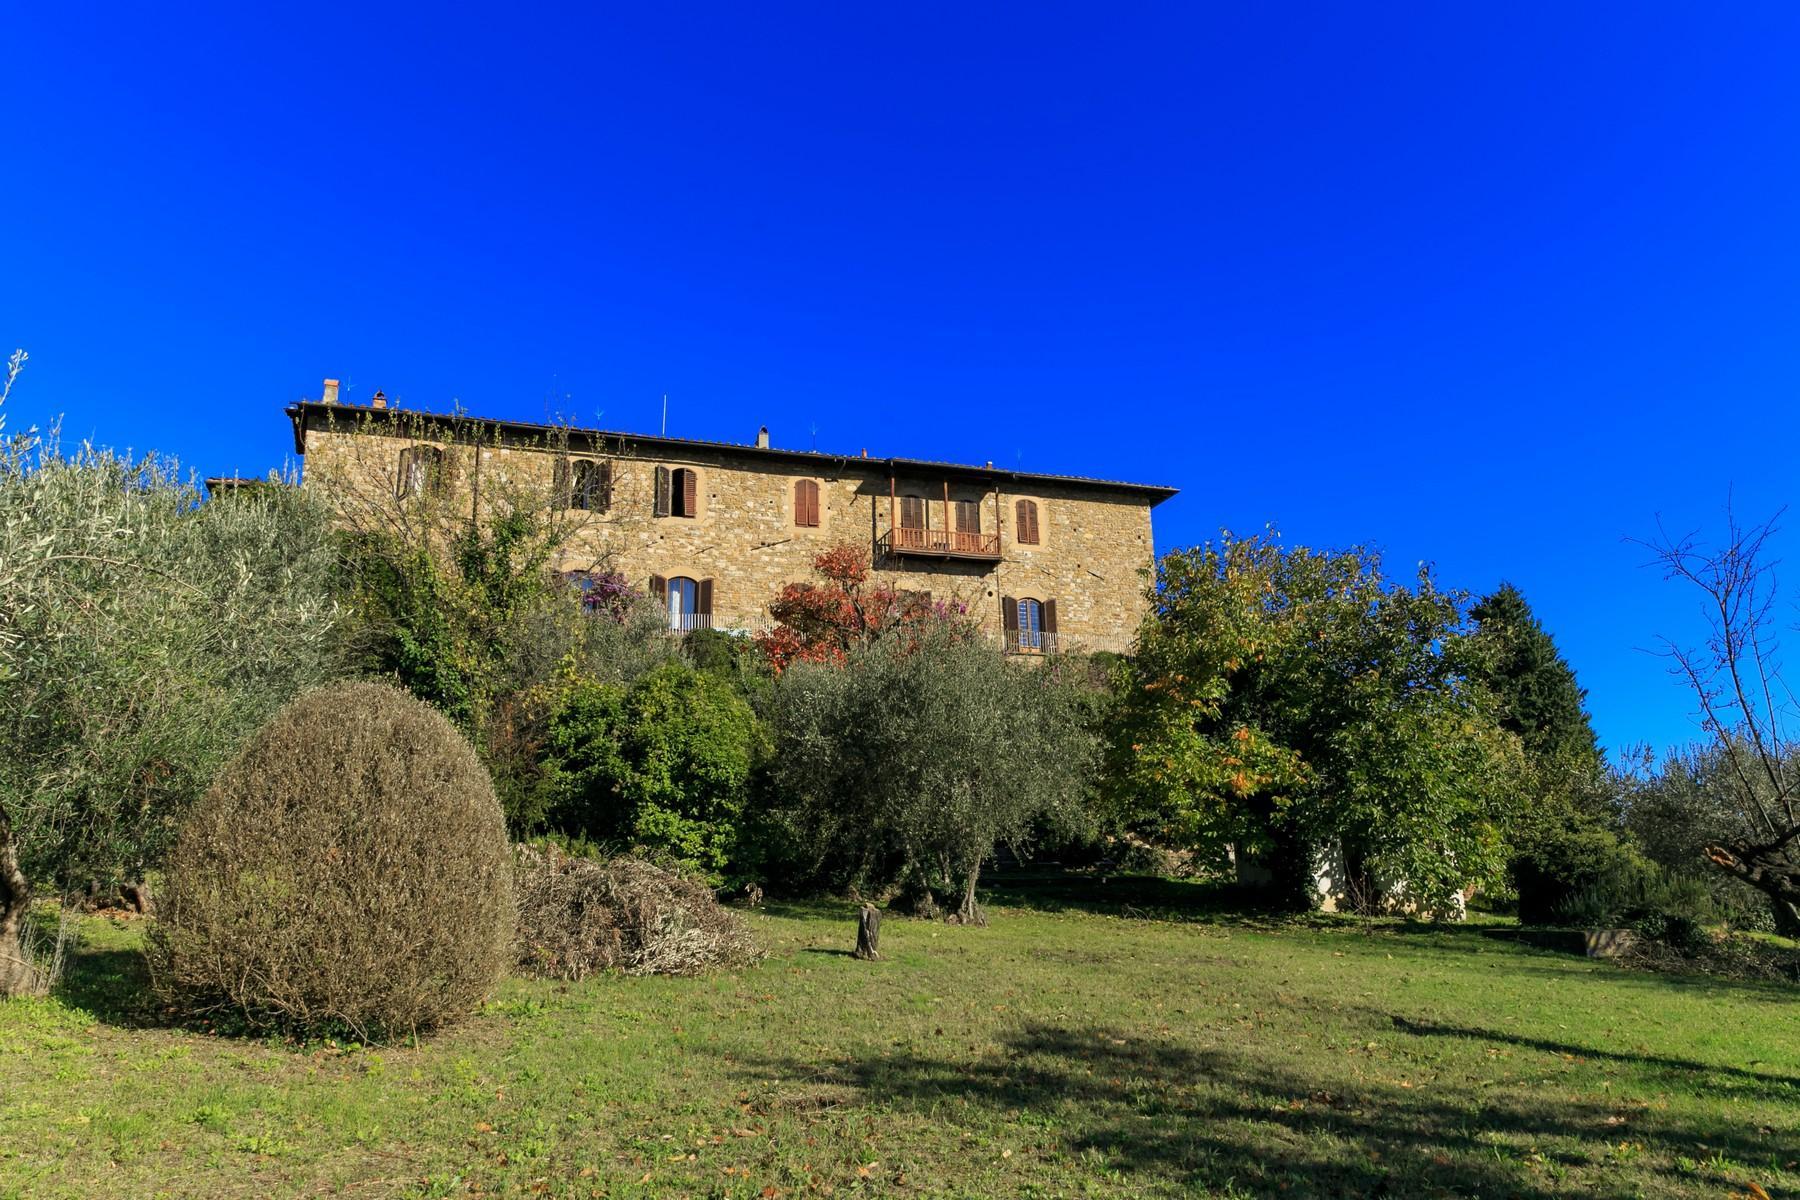 Wunderschöne Immobilien mit atemberaubendem Blick auf Florenz - 35